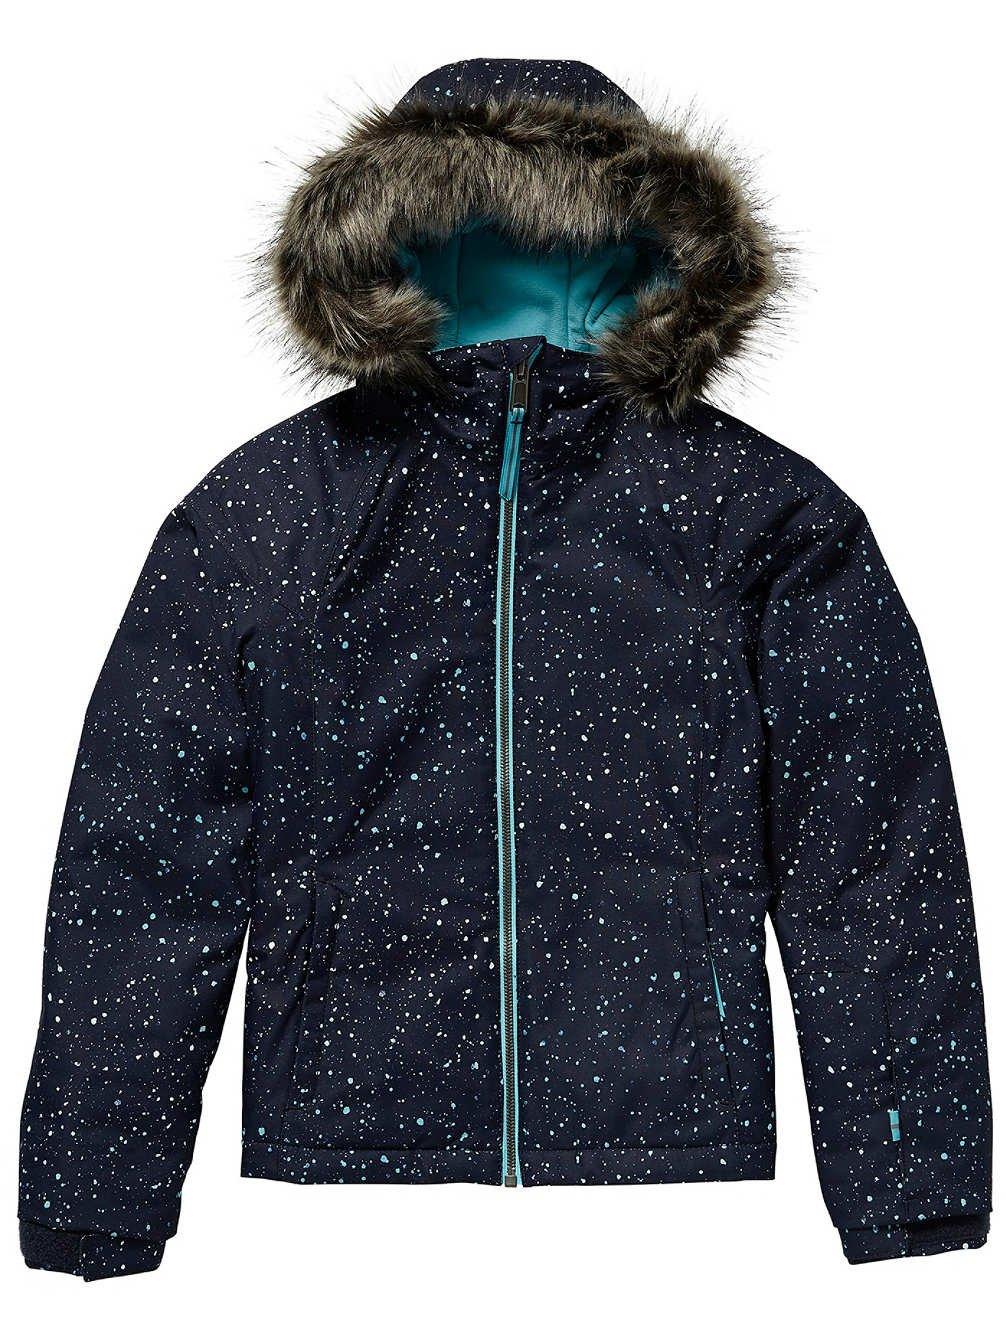 bleu aop w blanc 164 cm O'Neill Curve Veste de Snowboard pour Fille 5XL